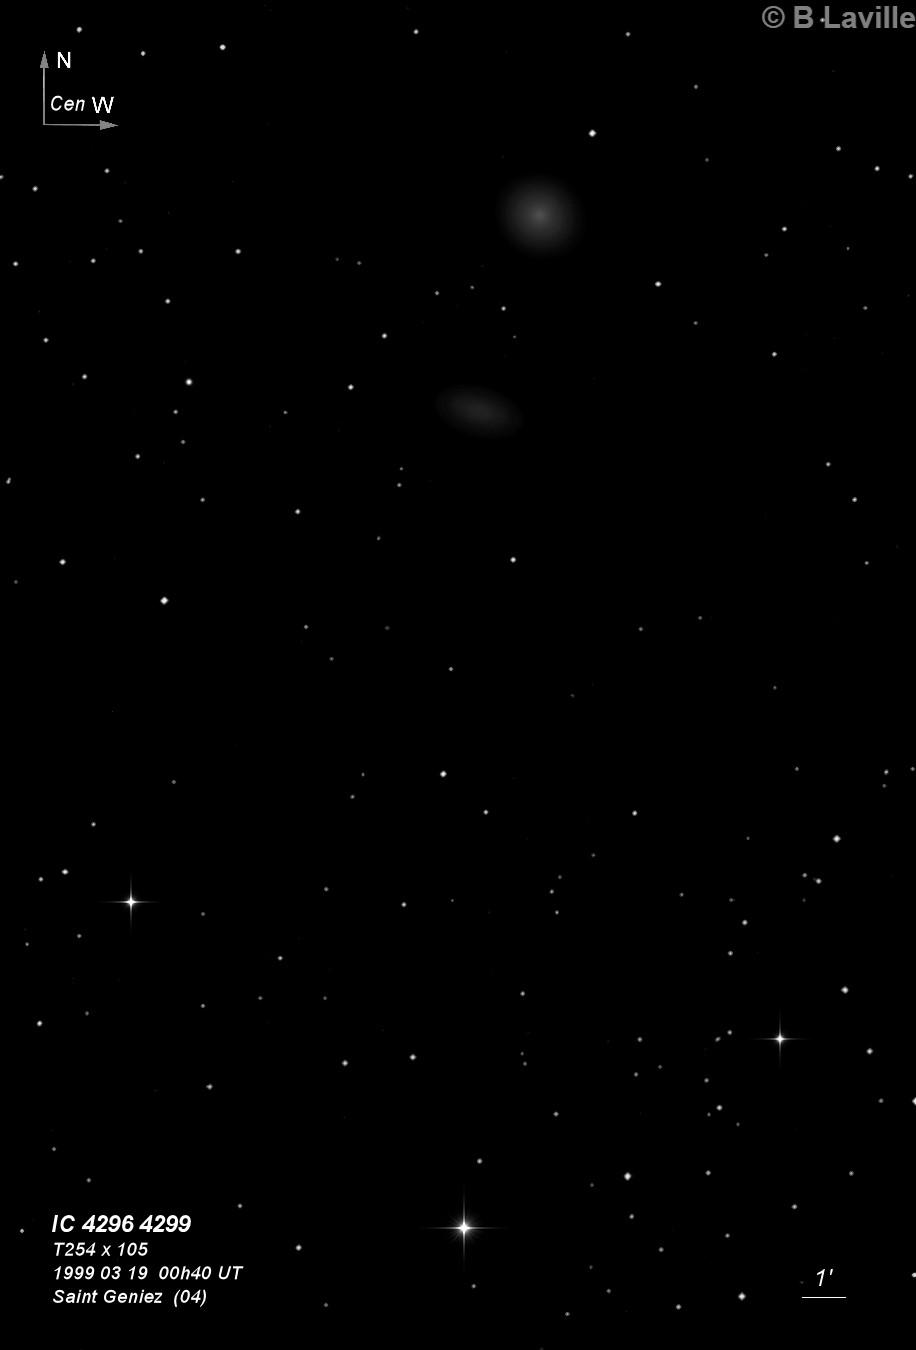 IC 4296 & IC 4299